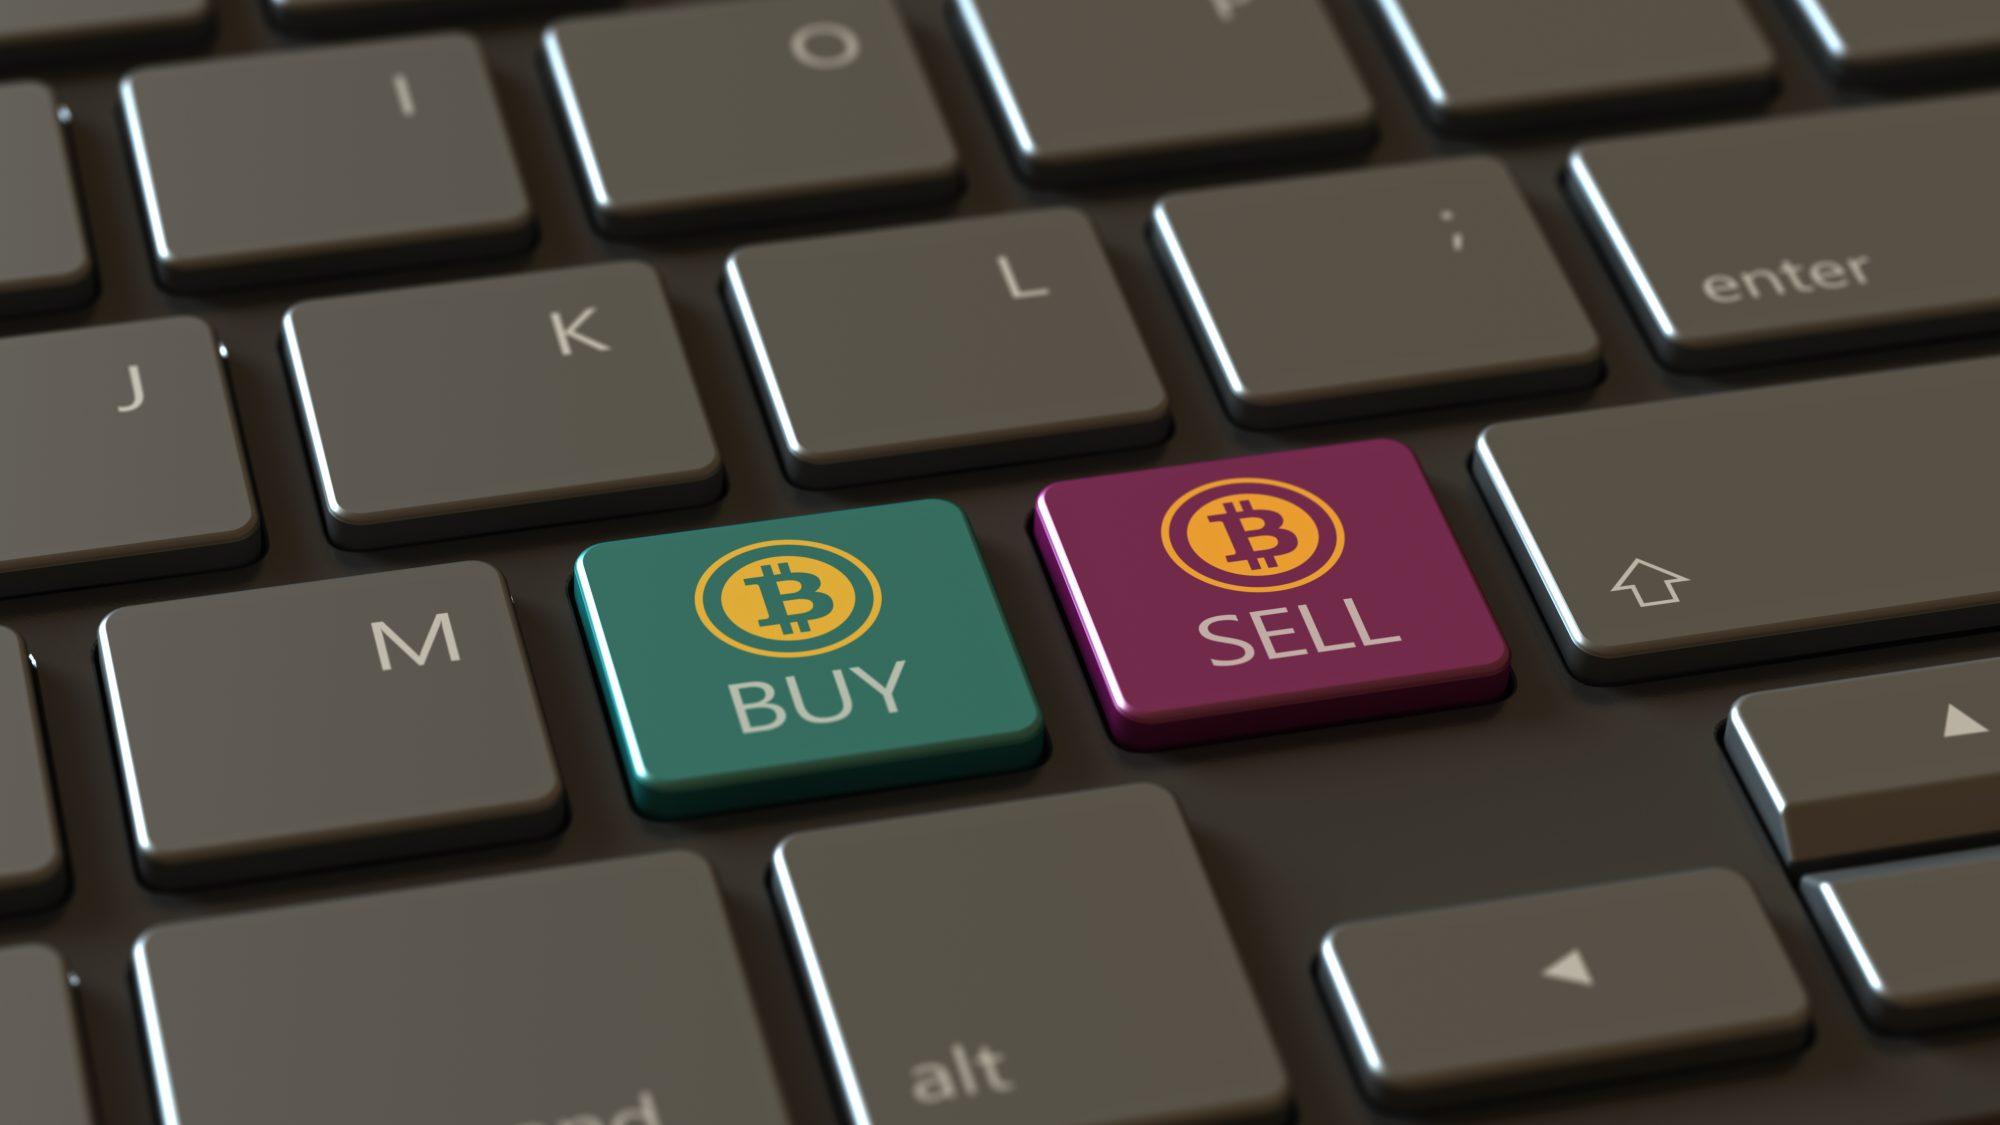 هيئة تنظيم الأسواق المالية بفرنسا تحظر التداول بمشتقات العملات الرقمية